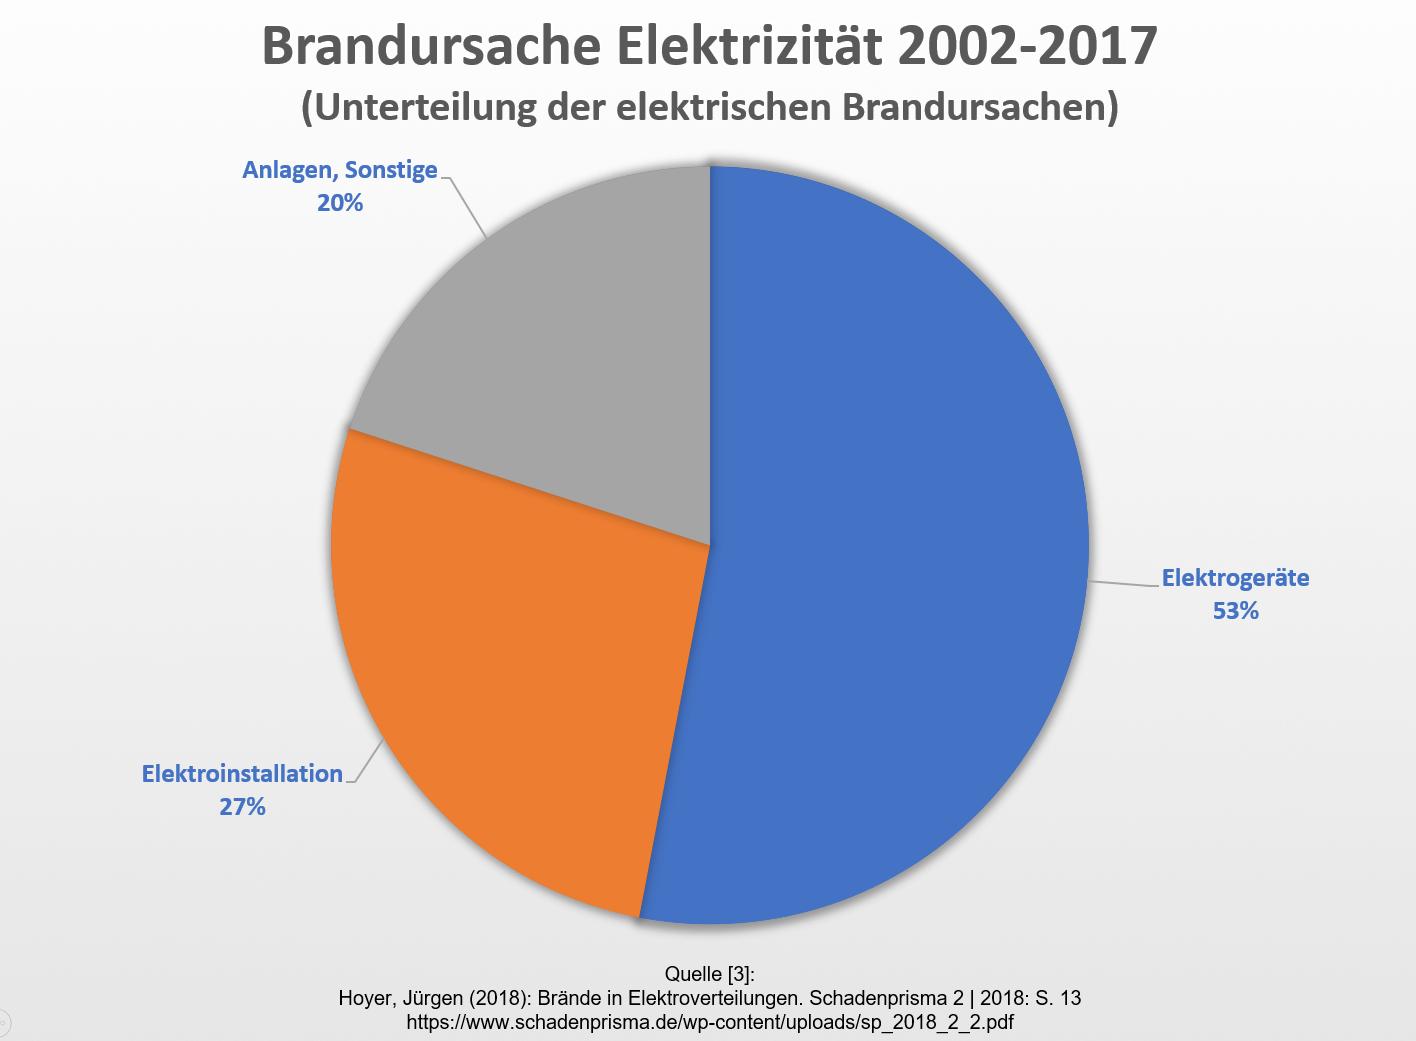 Brandursache_Elektrizitaet